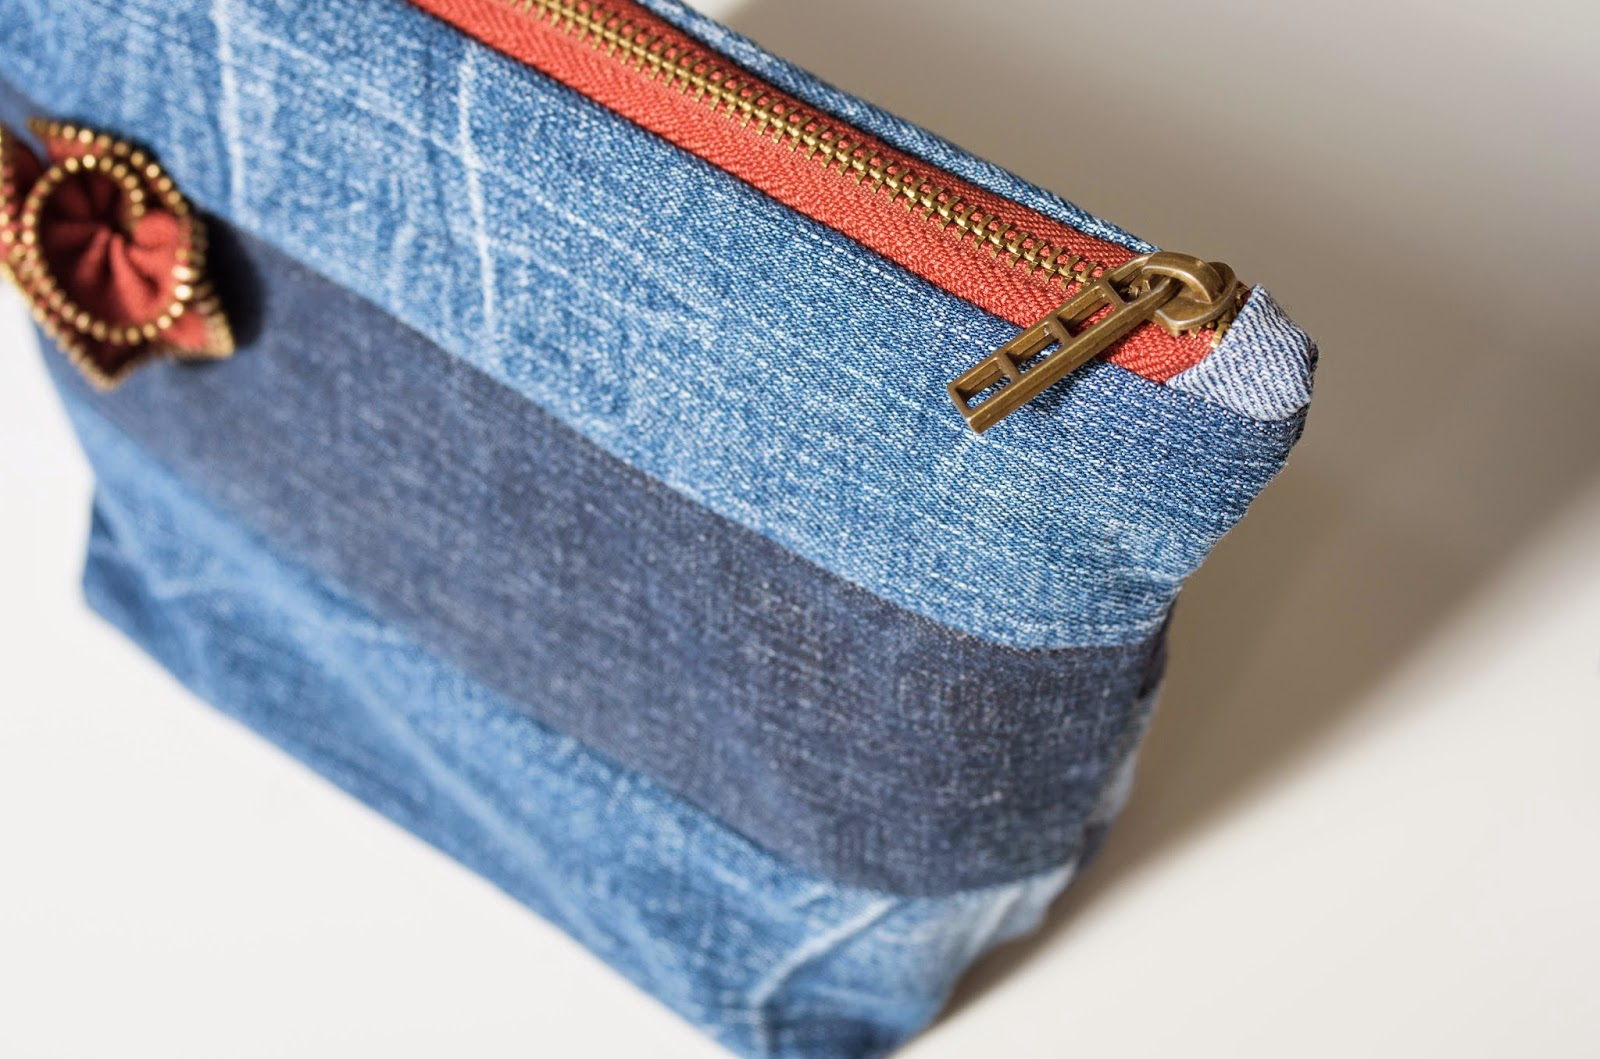 Как сшить джинсовую косметичку своими руками, мастер -класс с